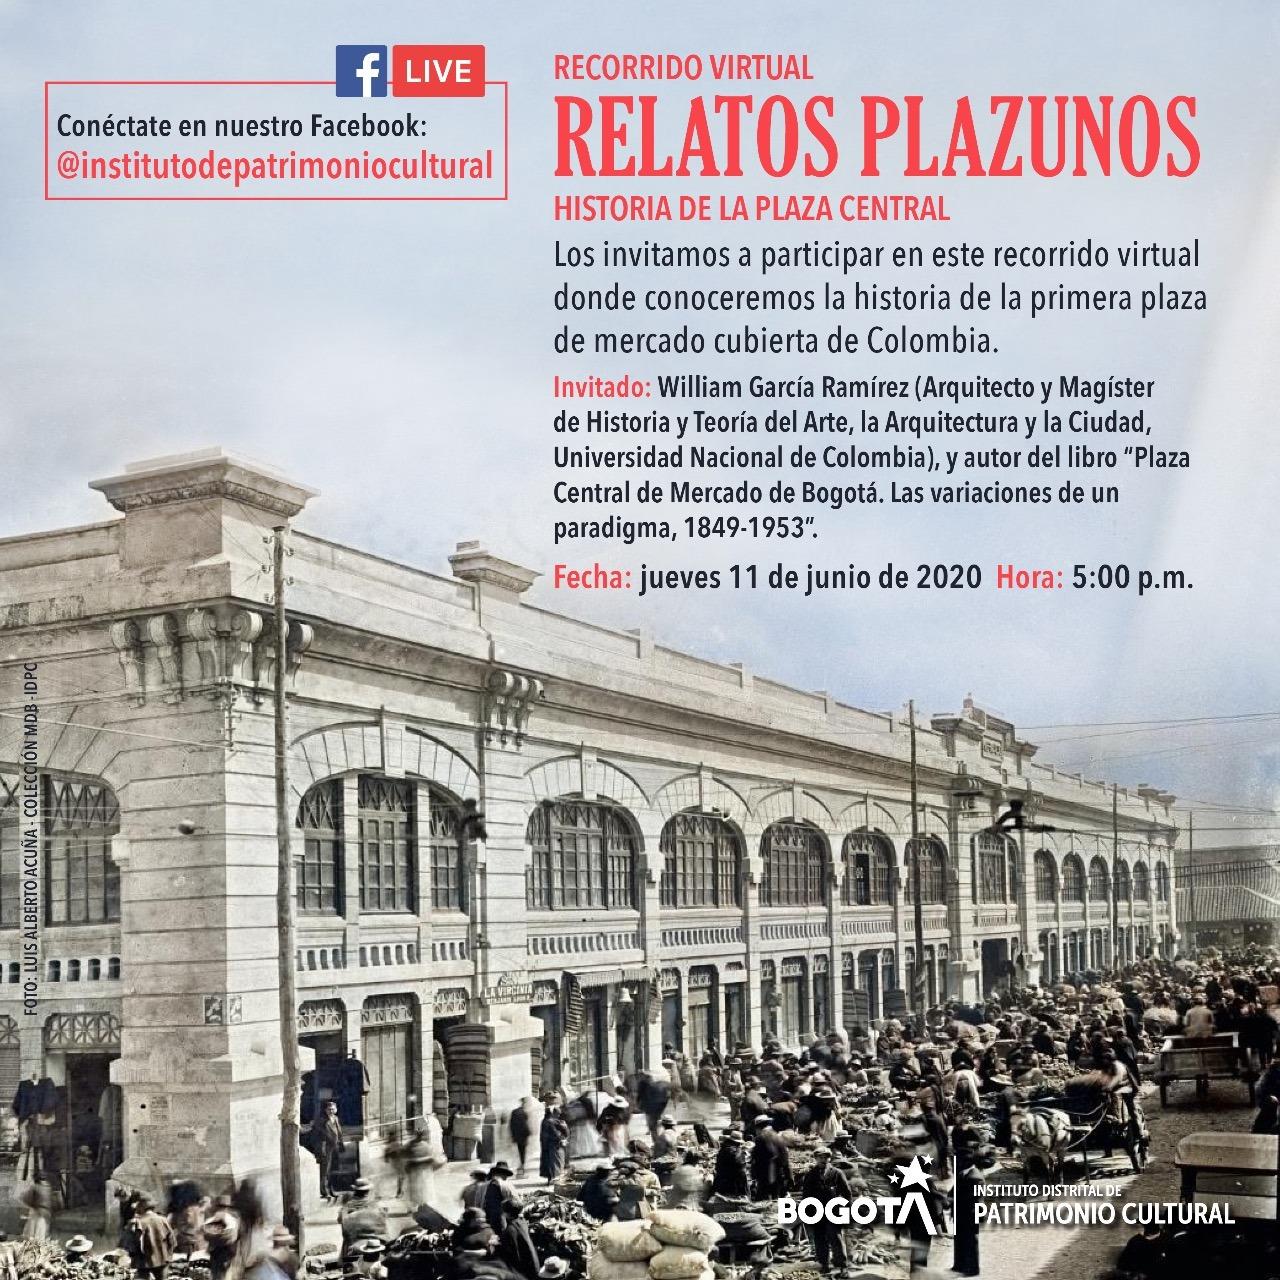 IDPC - Recorrido virtual por la antigua Plaza Central de Mercado de Bogotá